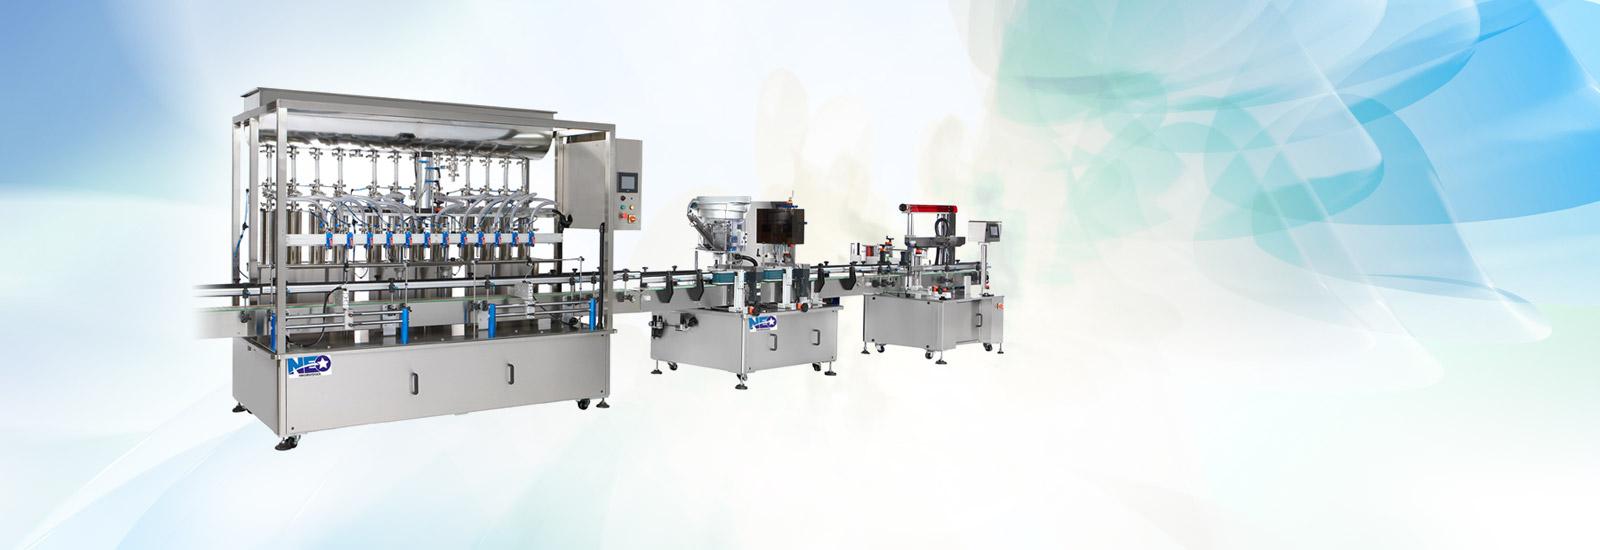 Mesin Pembungkusan Pengilang Filler Capper Line